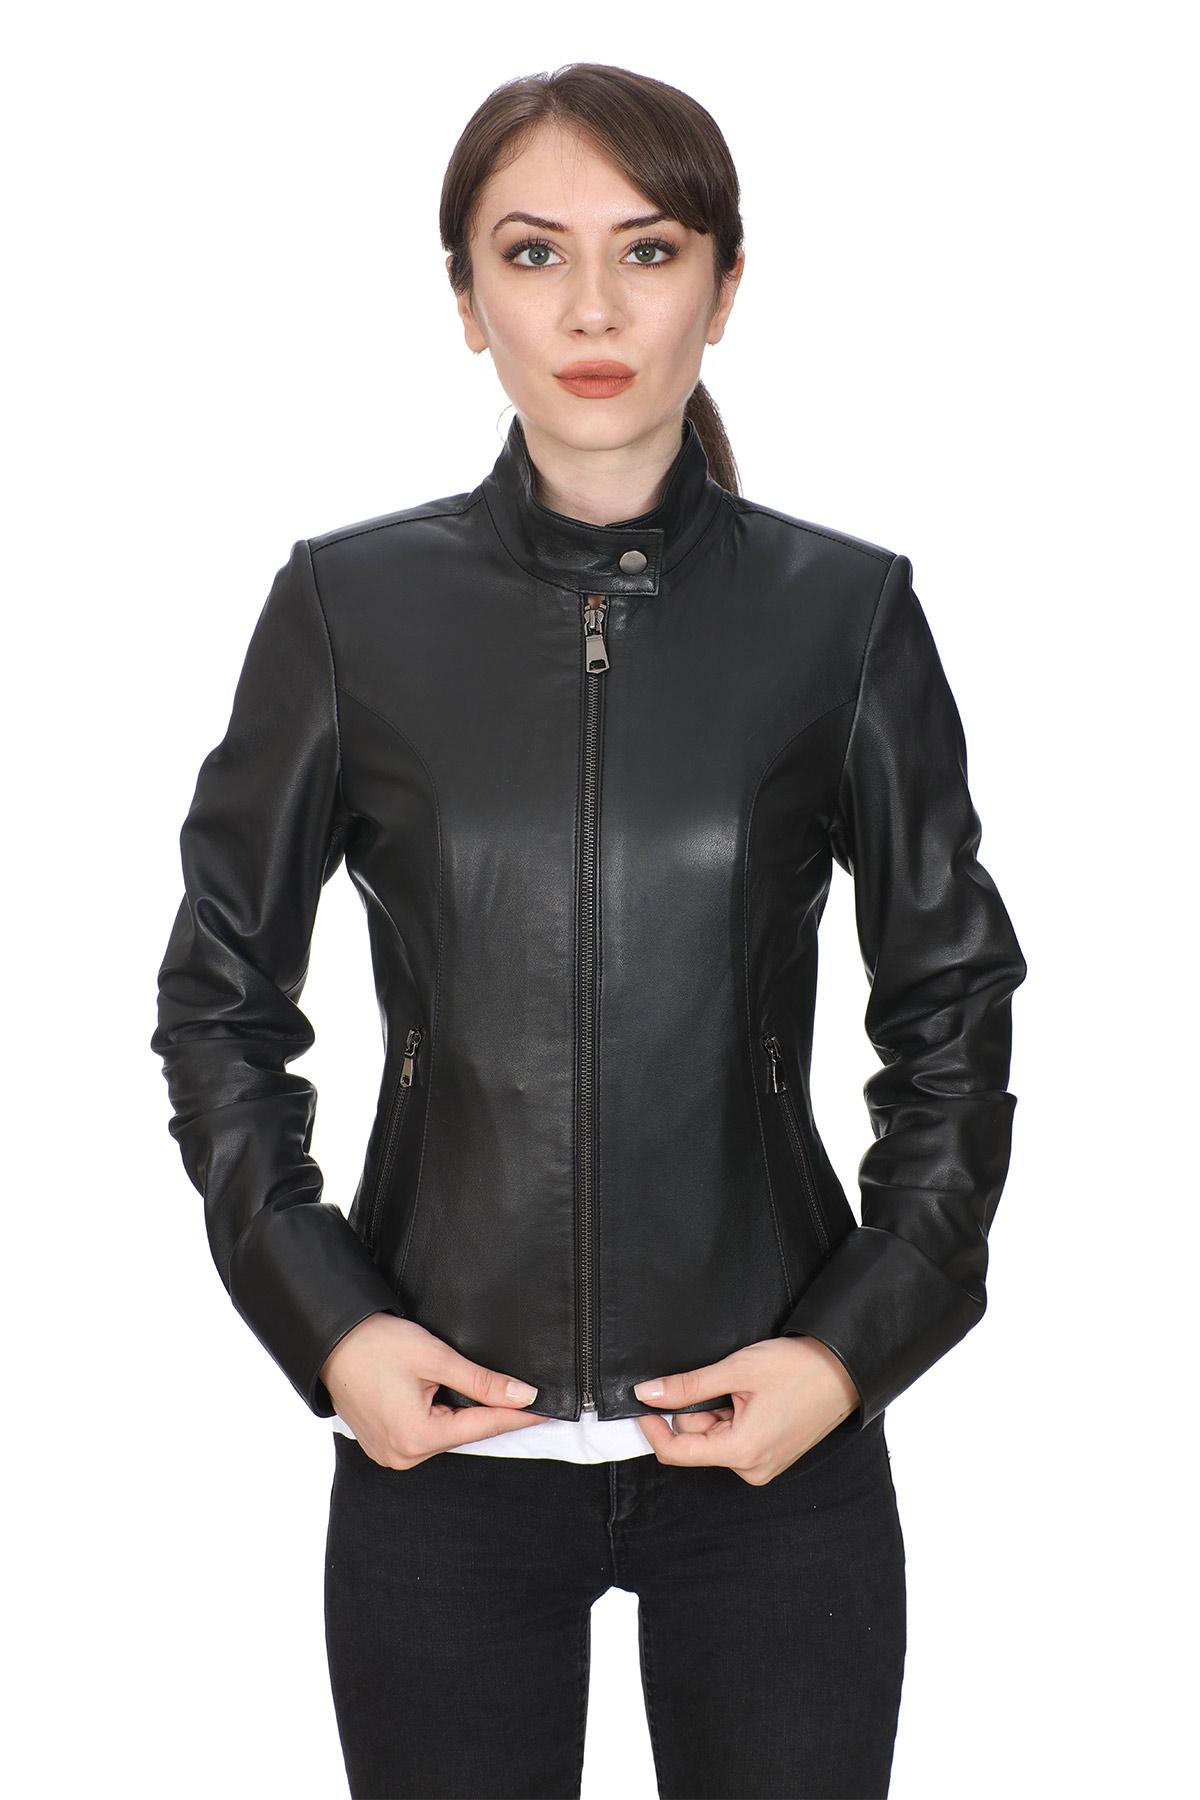 Dunhill Black Leather Biker Jacket